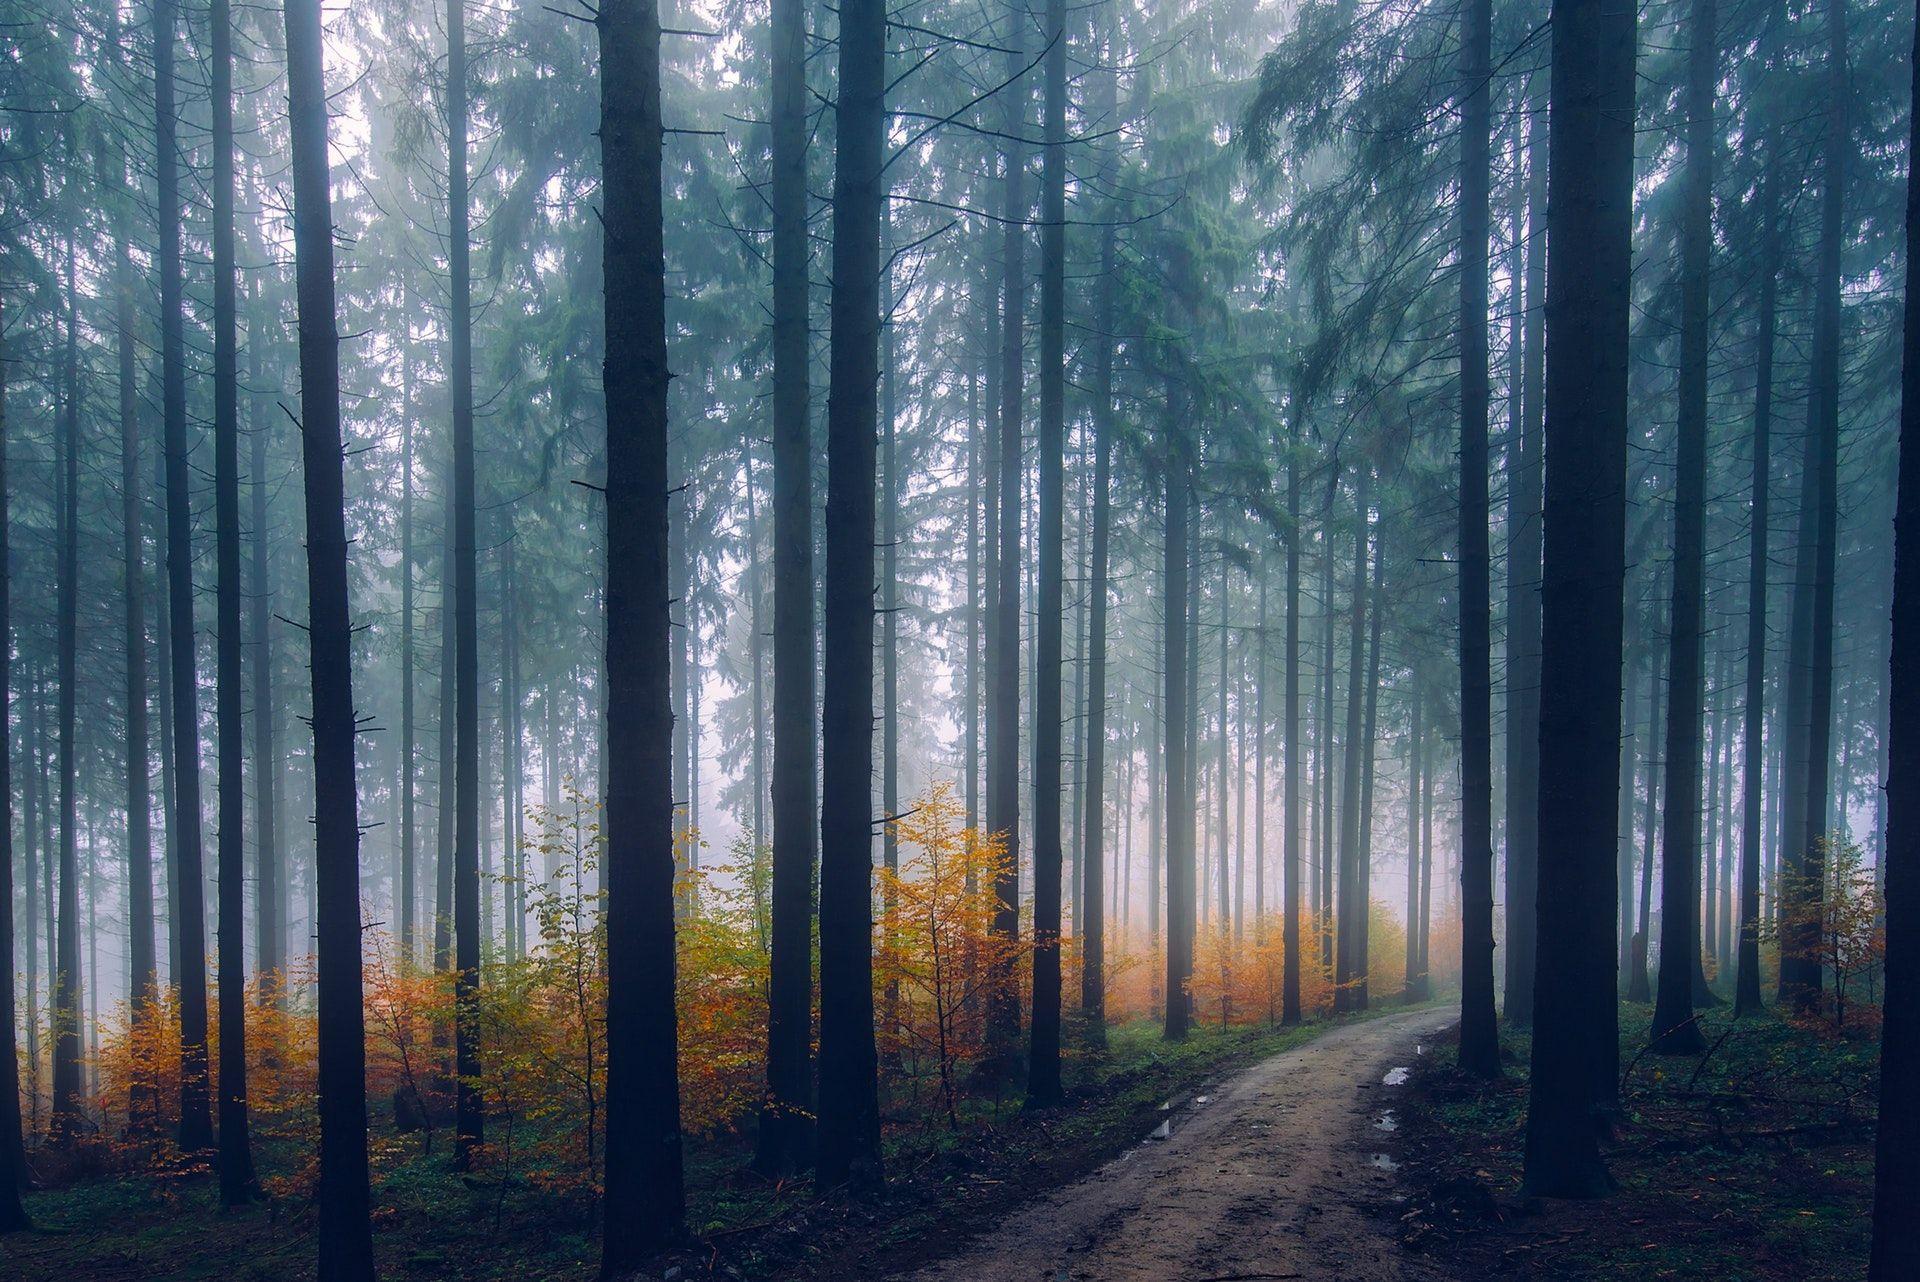 عکس زمینه درختان جنگل در غروب مه آلود و زیبا پس زمینه